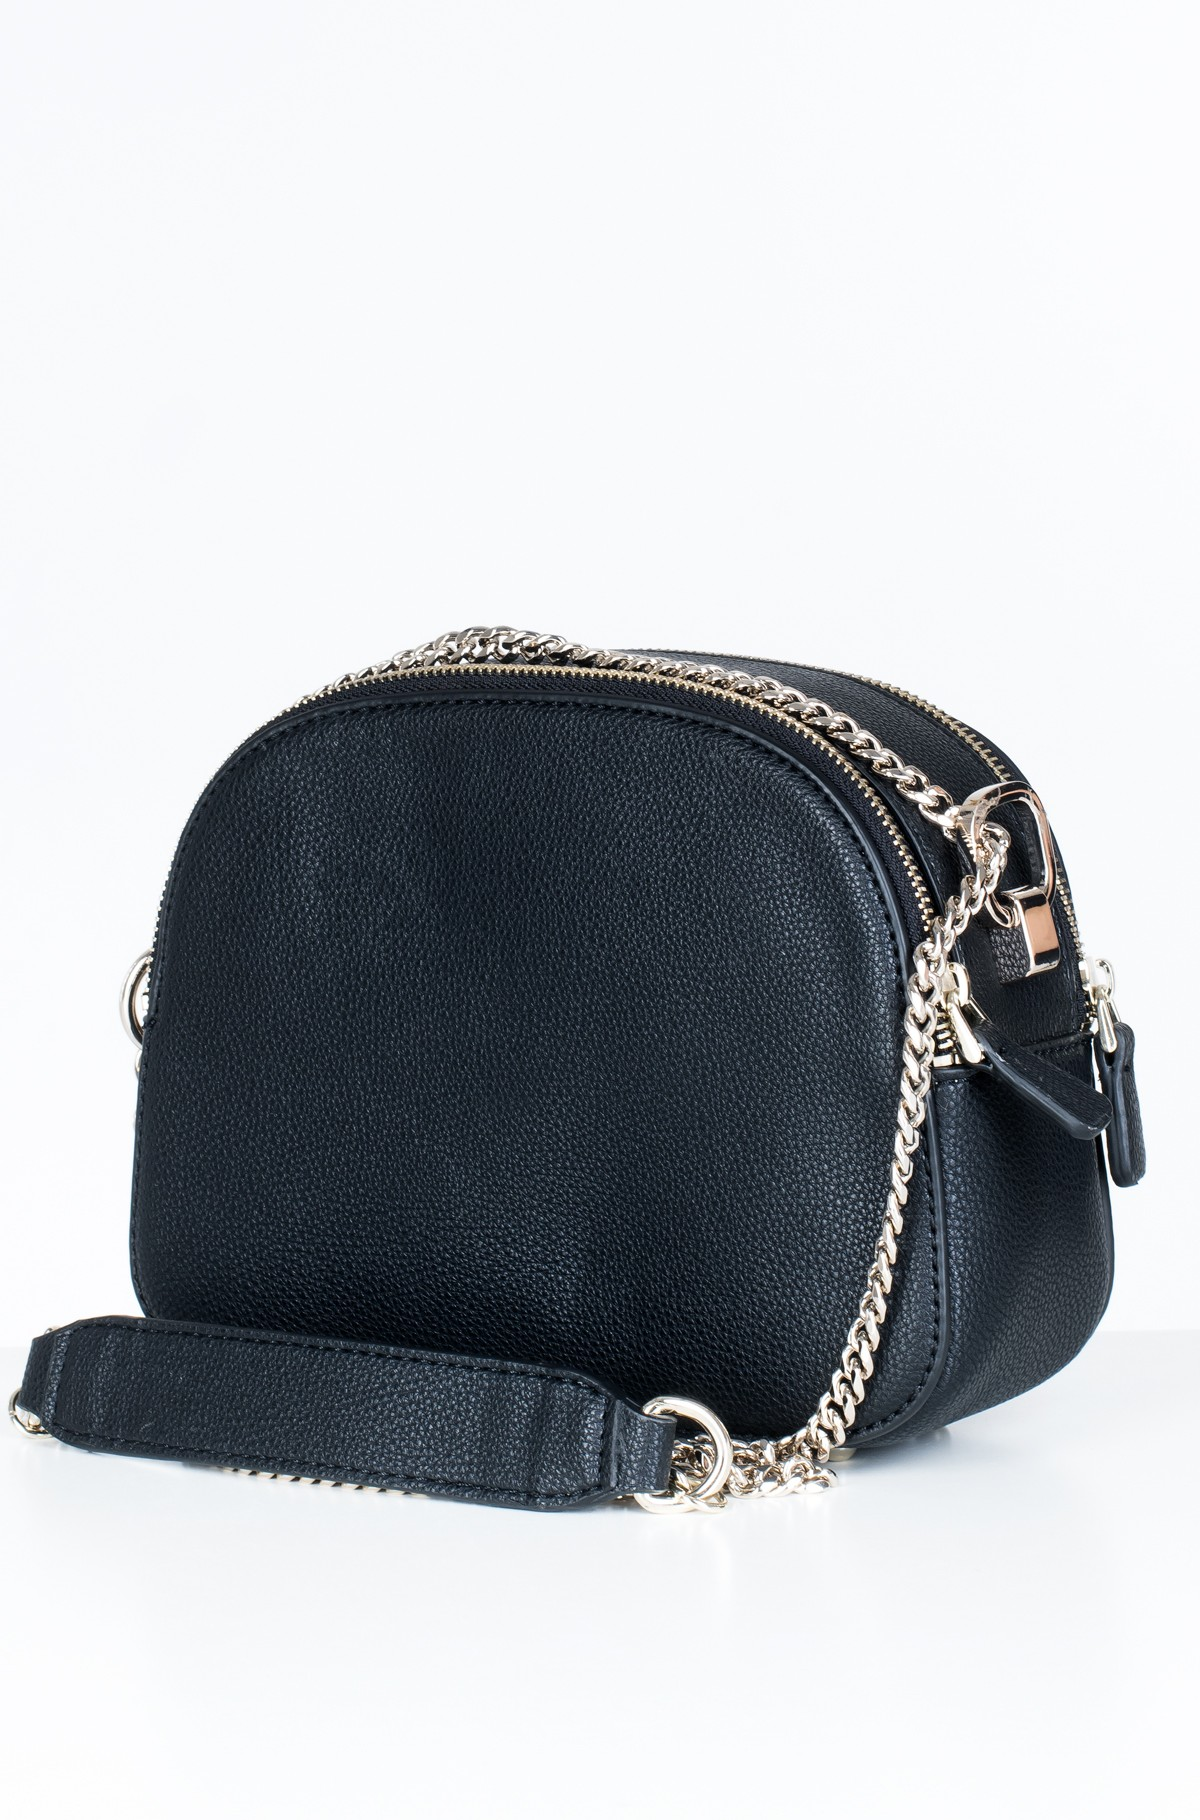 Shoulder bag HWVG75 83140-full-3